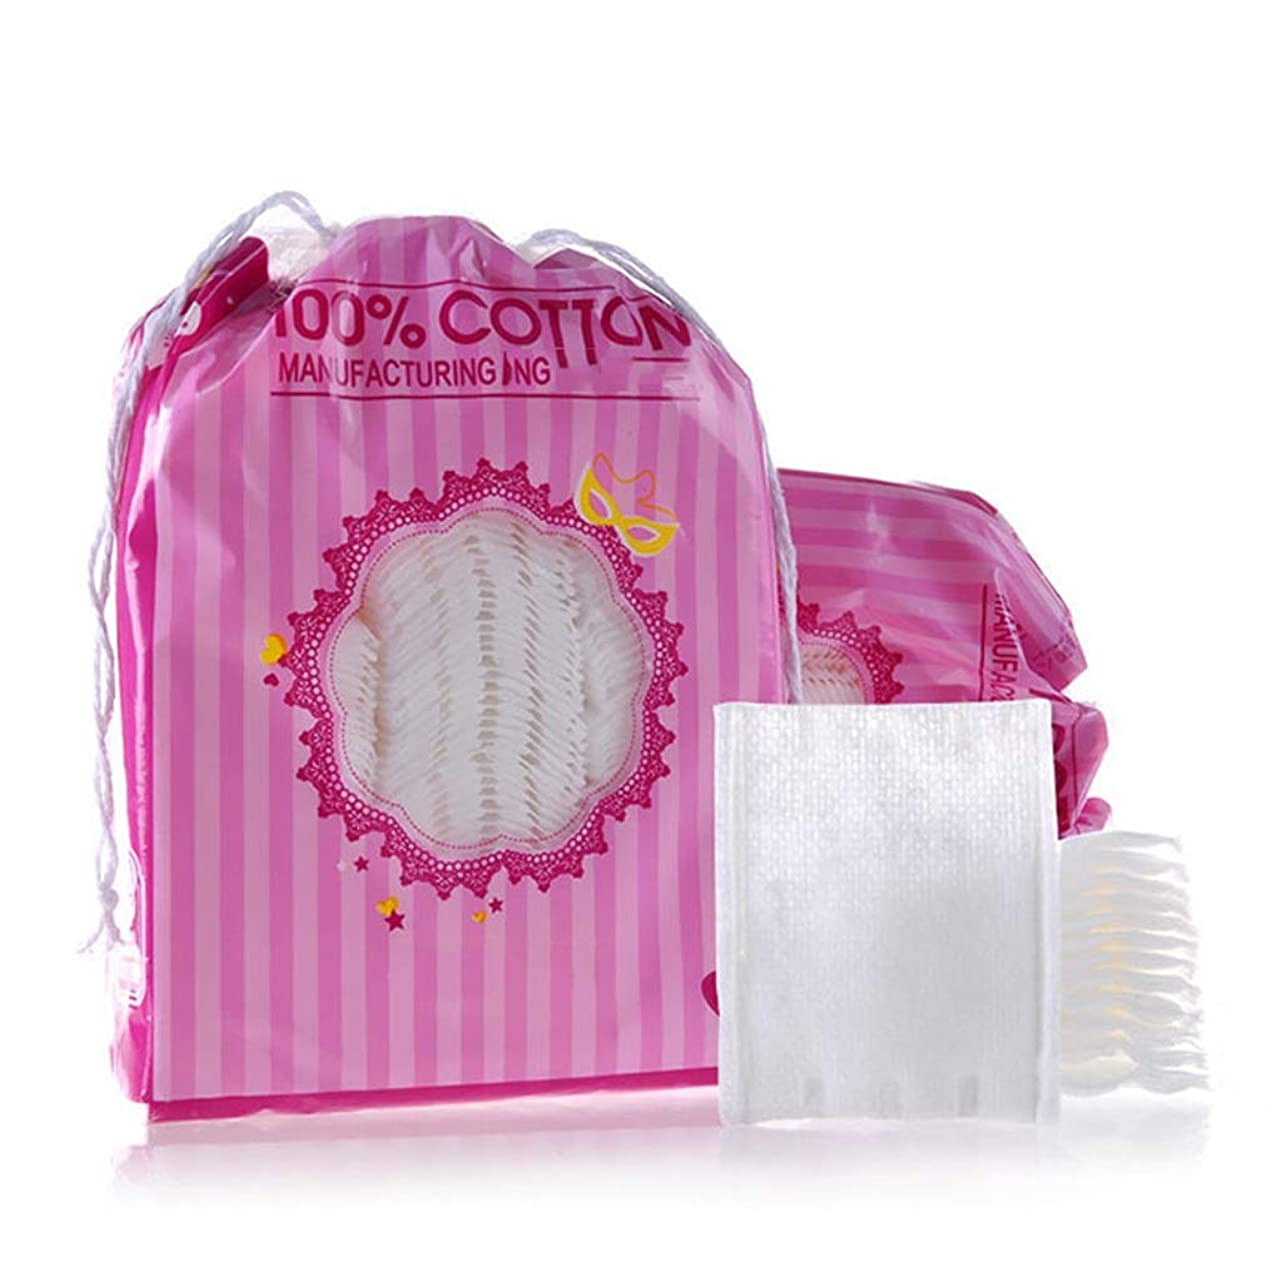 竜巻放棄管理者クレンジングシート 200ピースコットンメイクアップリムーバーパッドソフトオーガニックネイルポリッシュワイプ両面フェイスクレンジング美容化粧品パッド (Color : White)